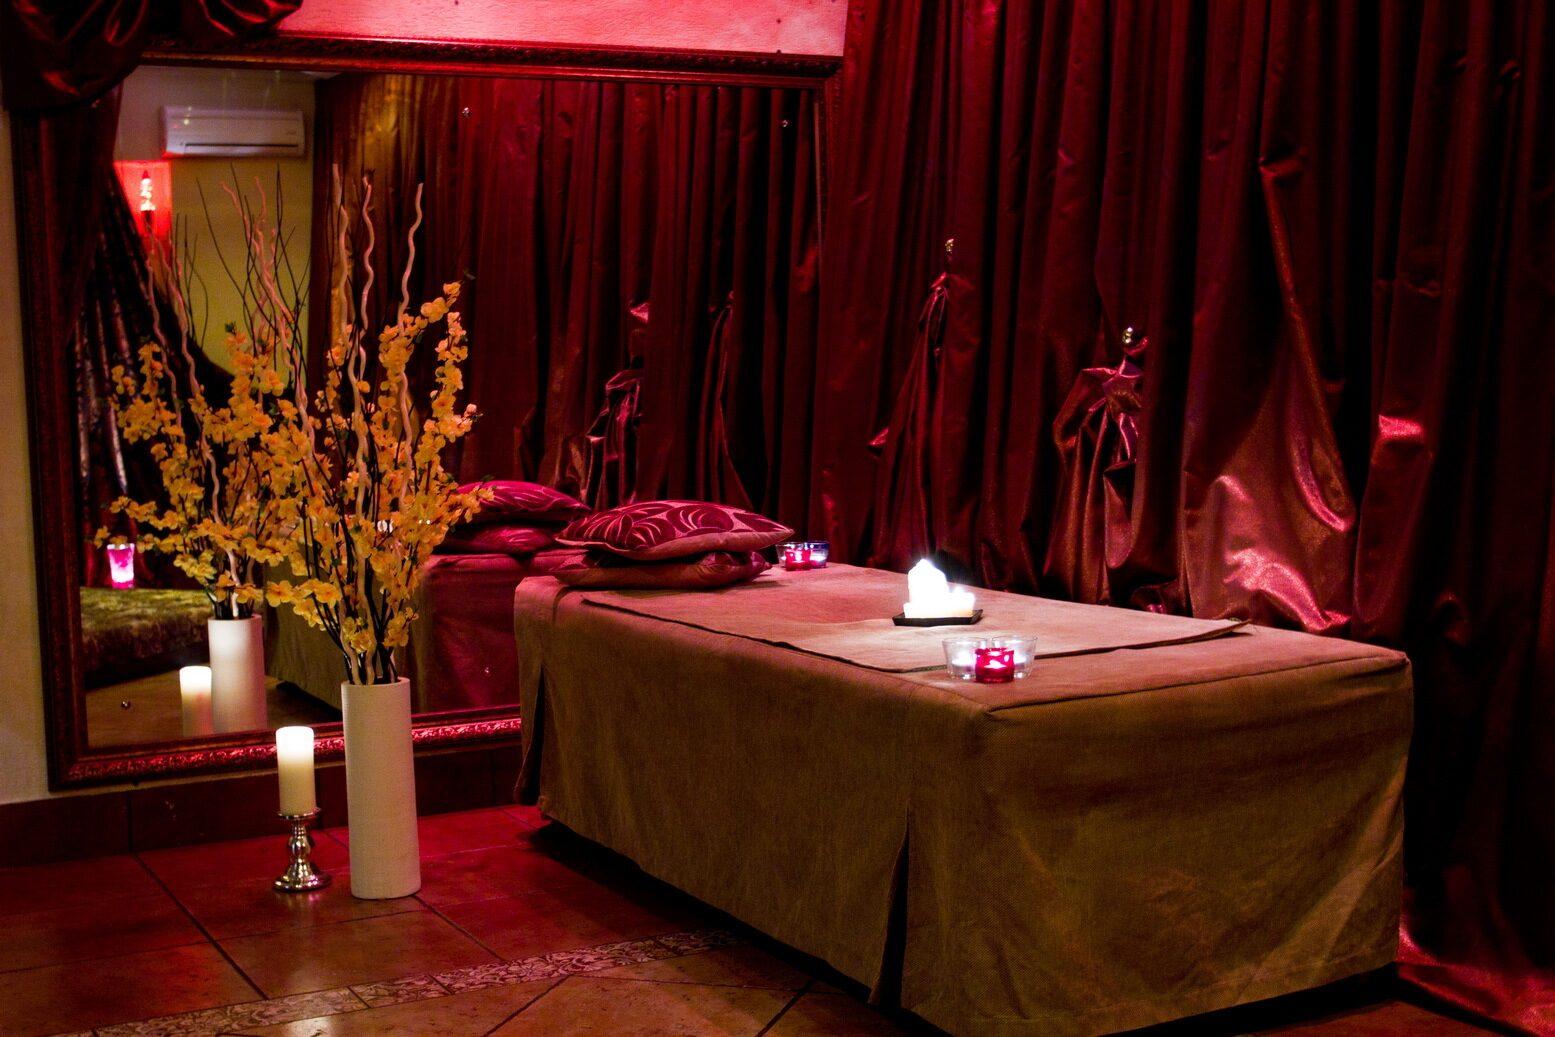 Элитный салон эротического массажа 2 фотография